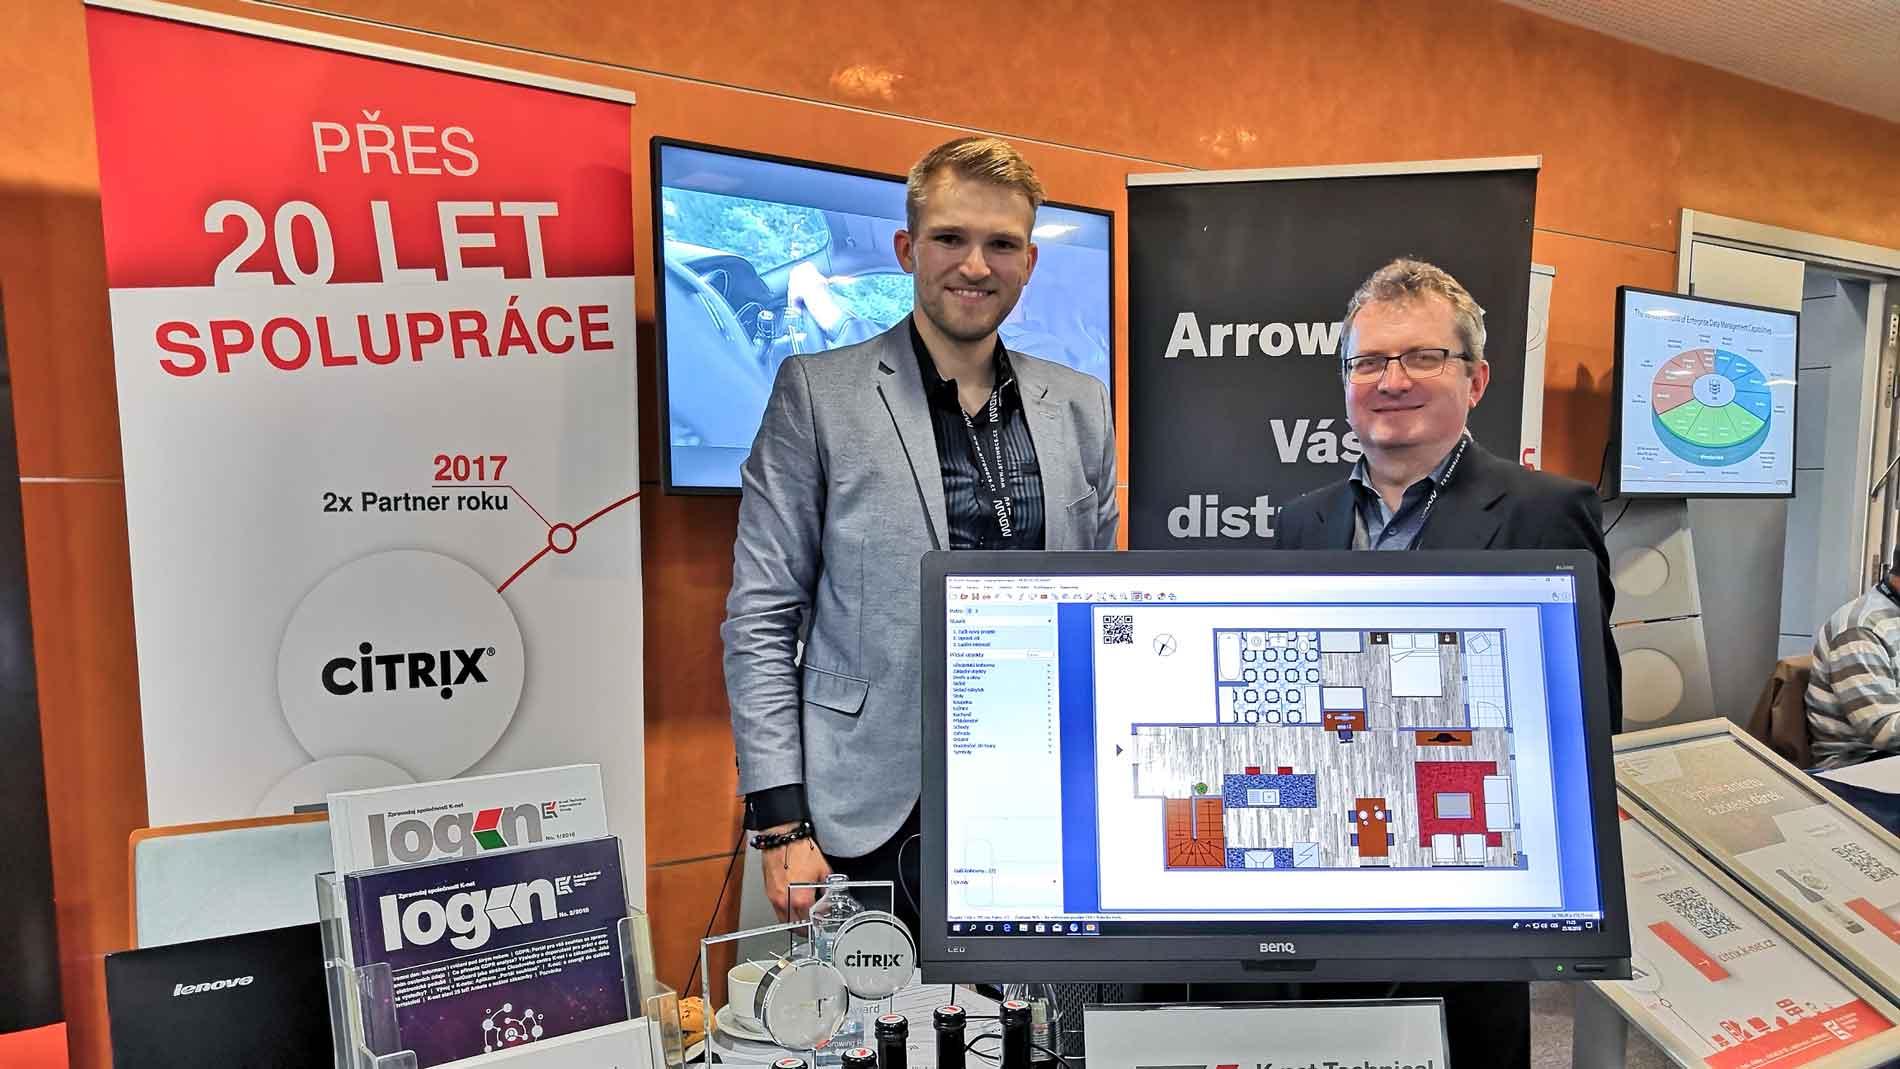 Jan Knettig a Tomáš Kiedron u stanky během Arrow Virtualizačního fóra